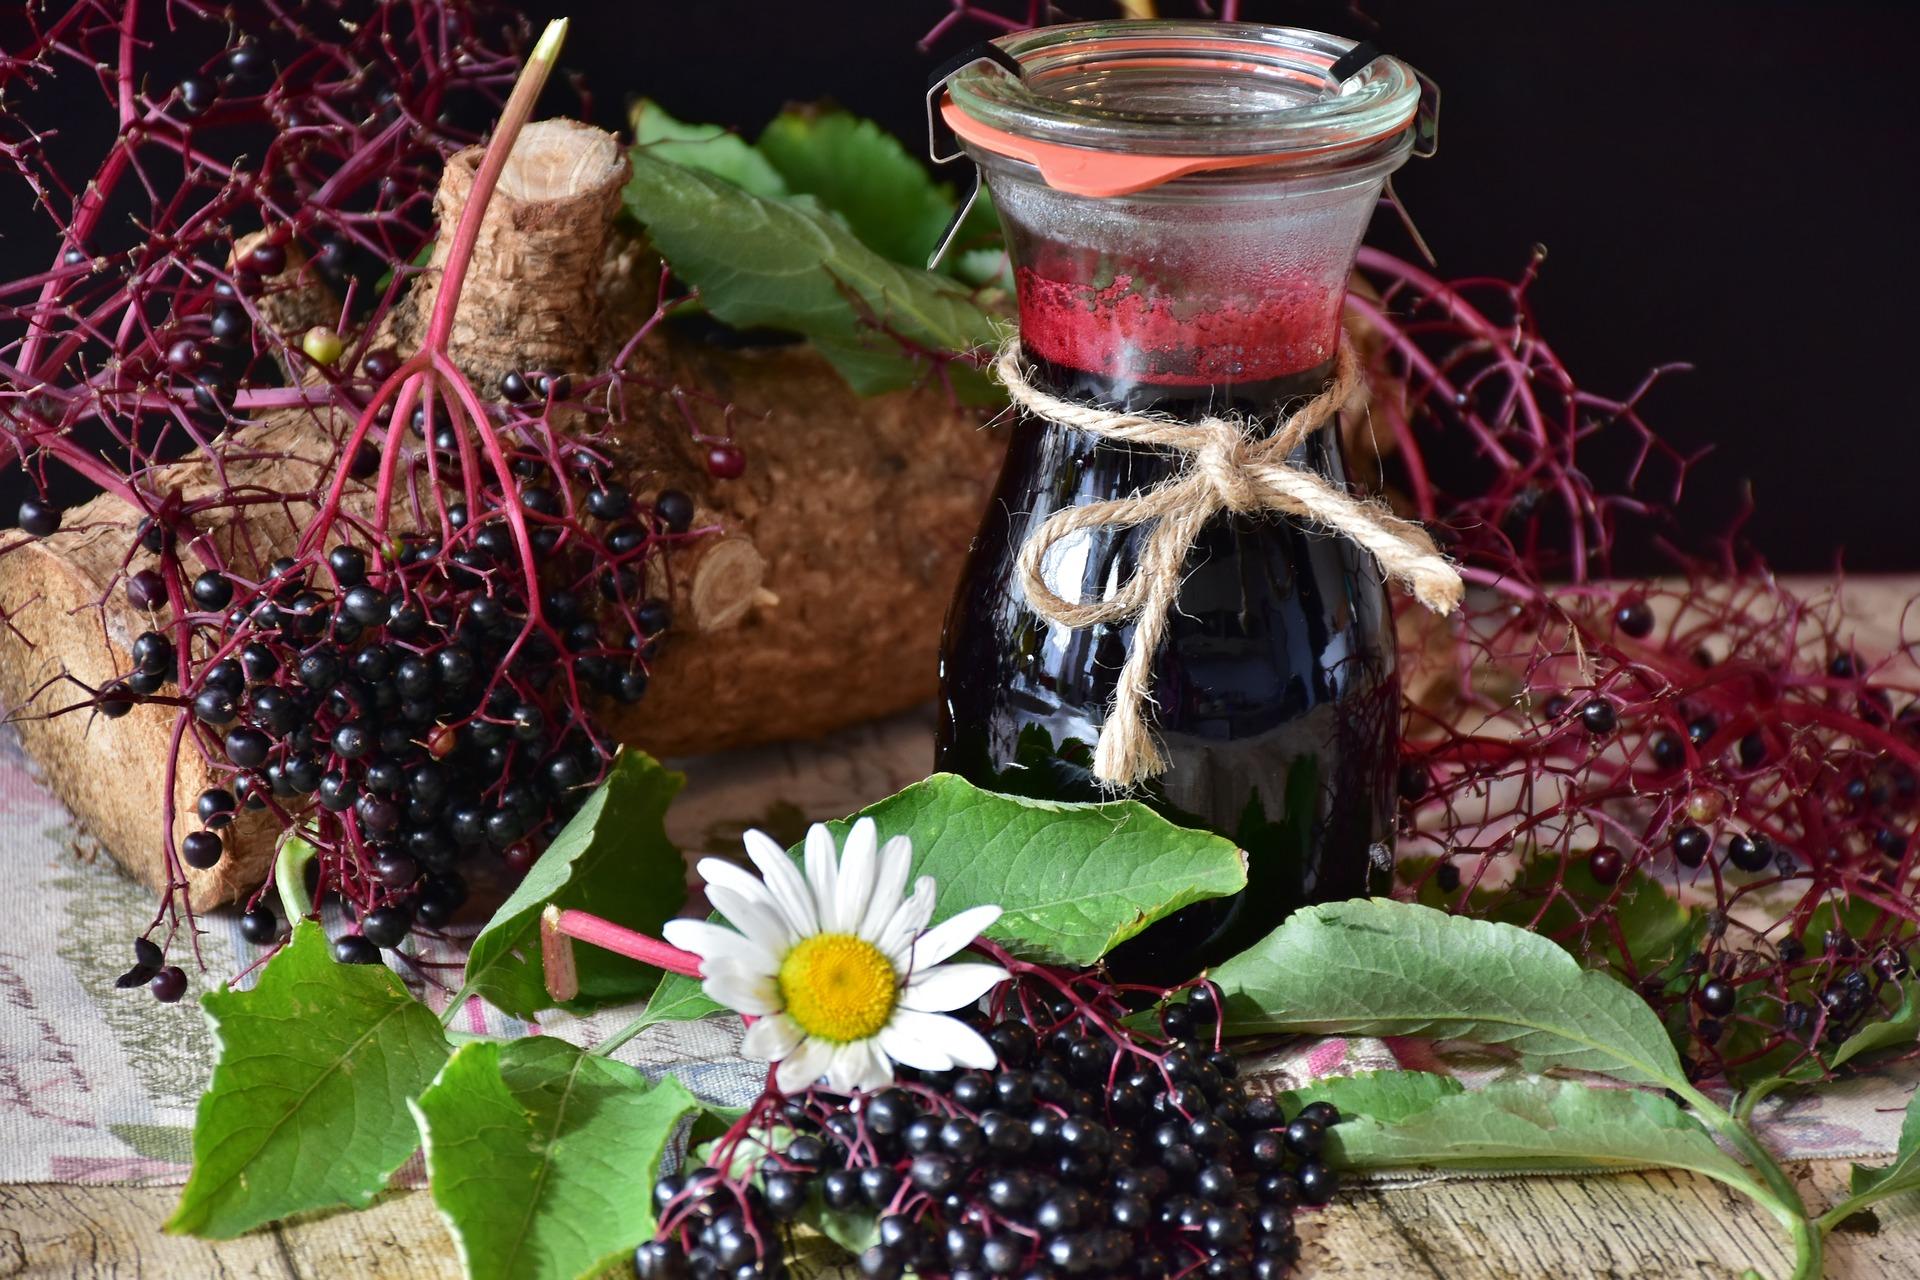 Health benefits of Elderberries